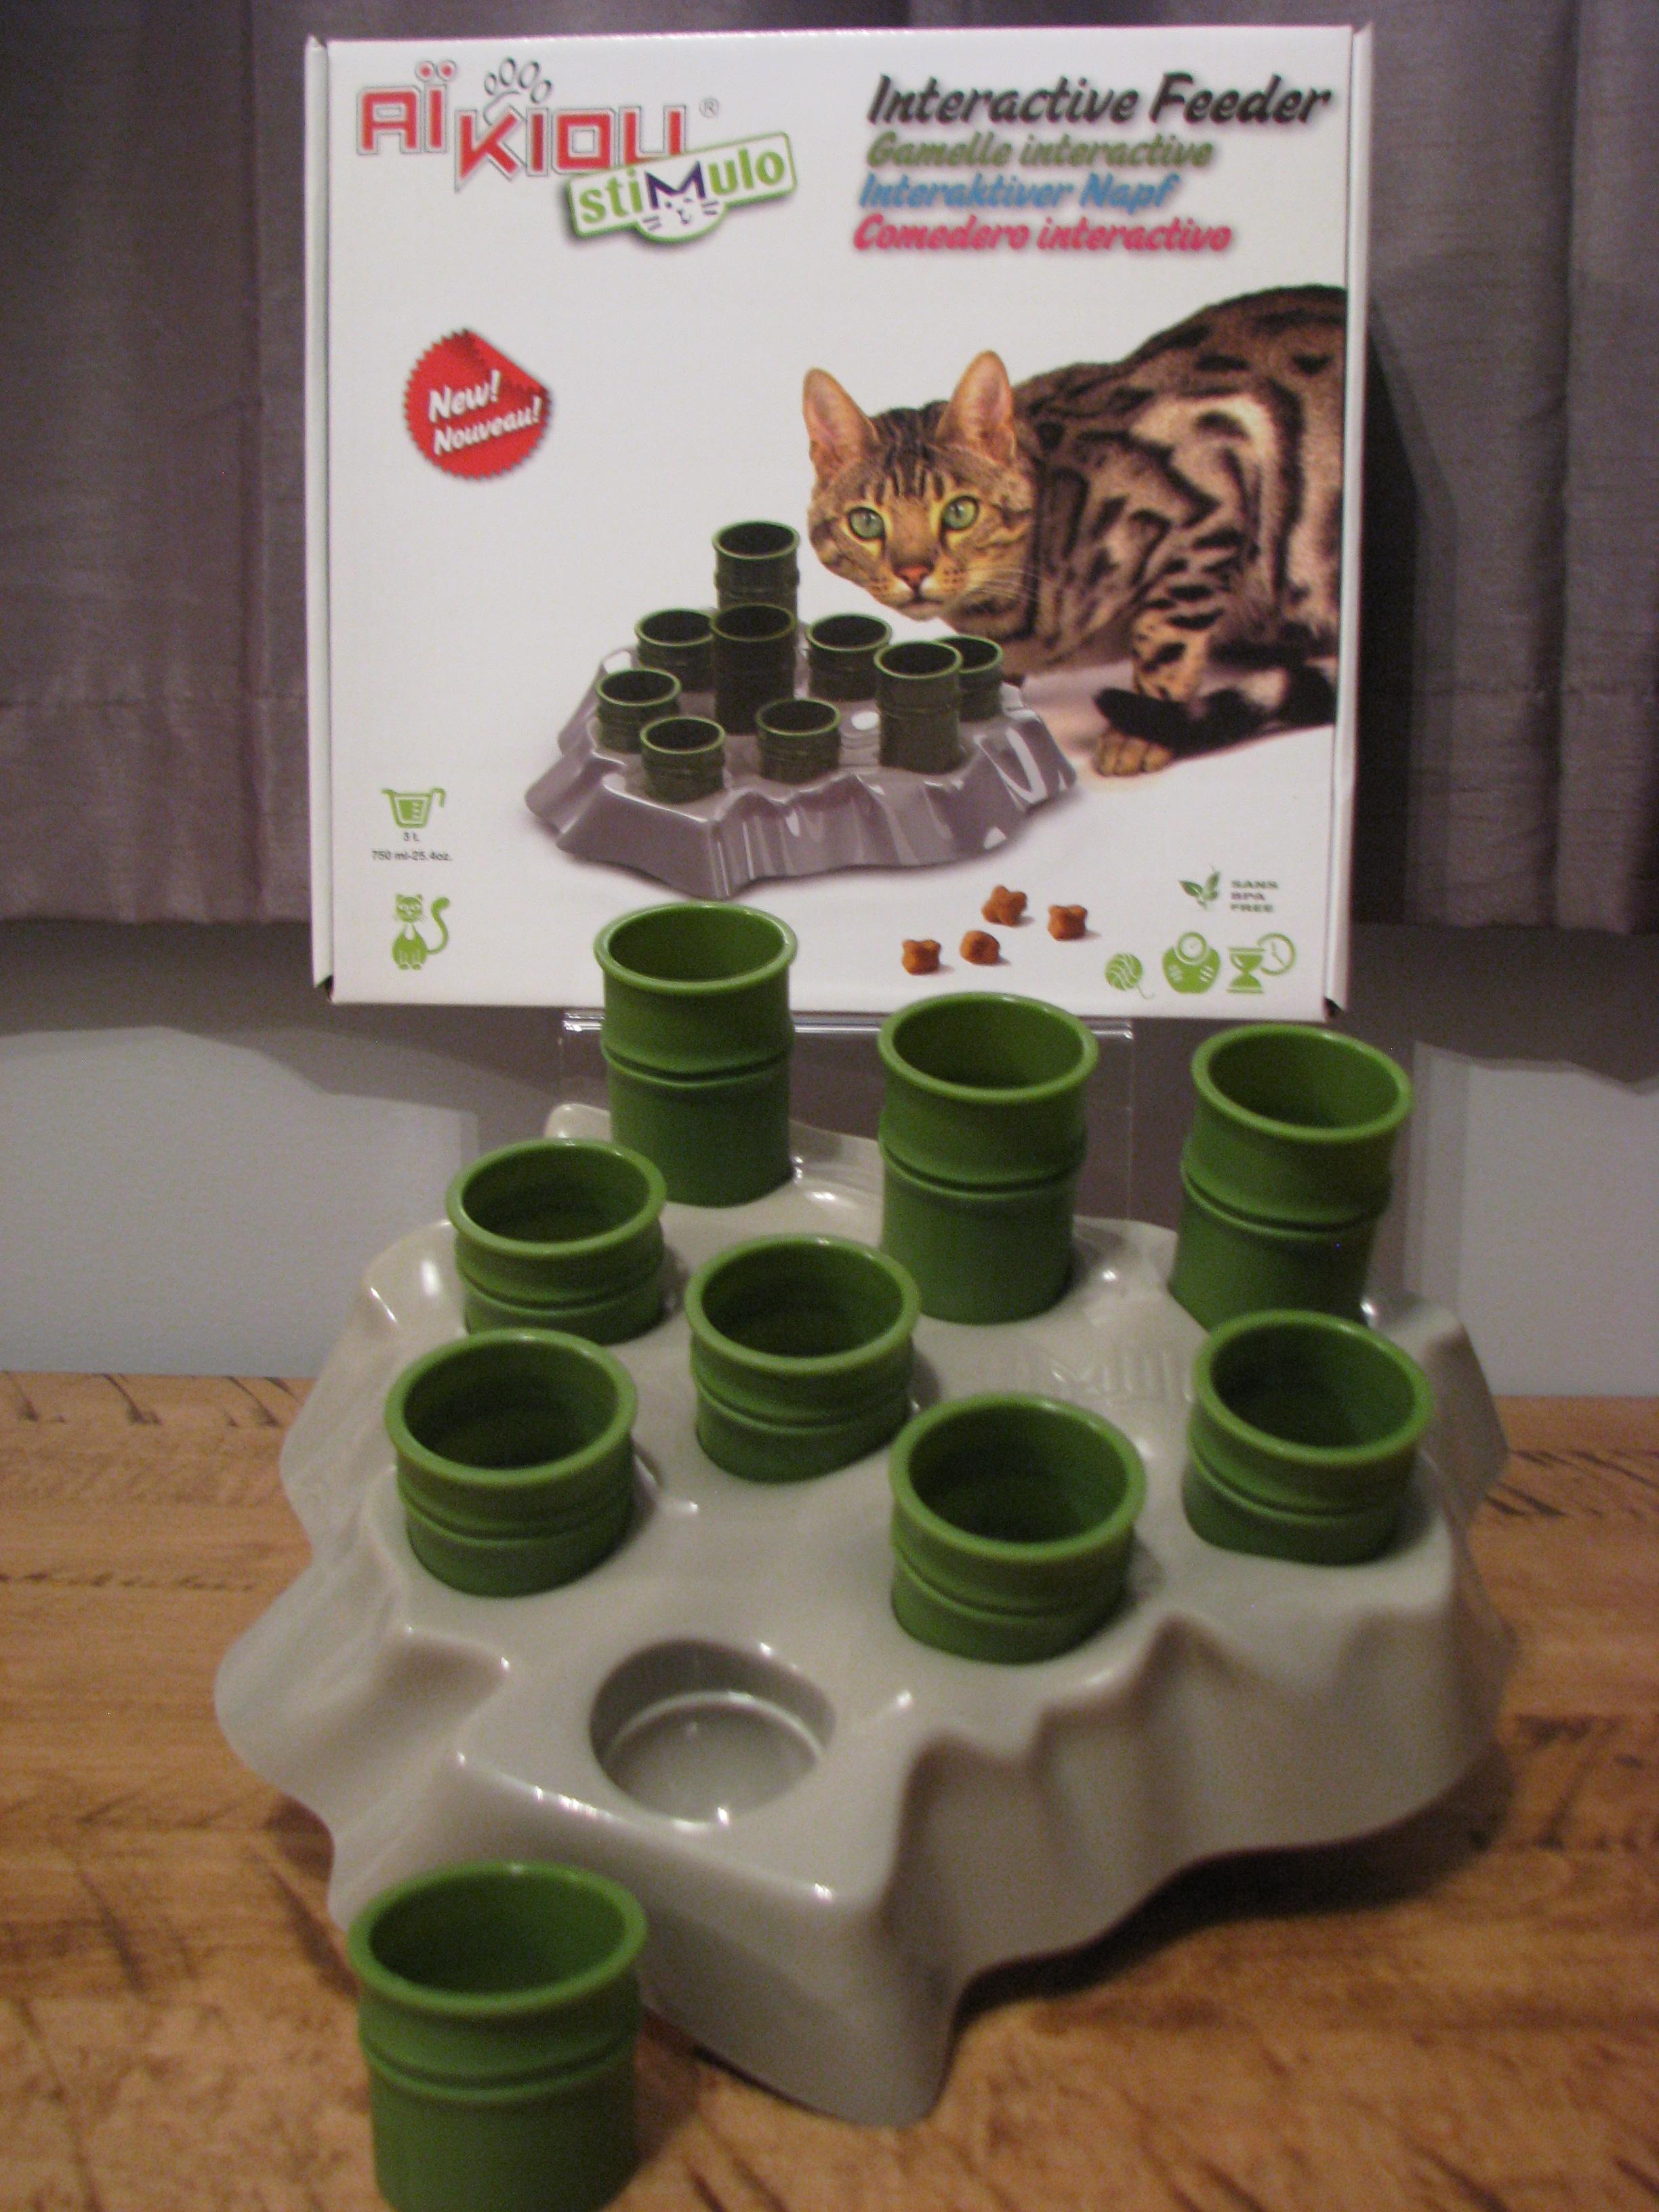 accessoires pour chat Stimulo.JPG